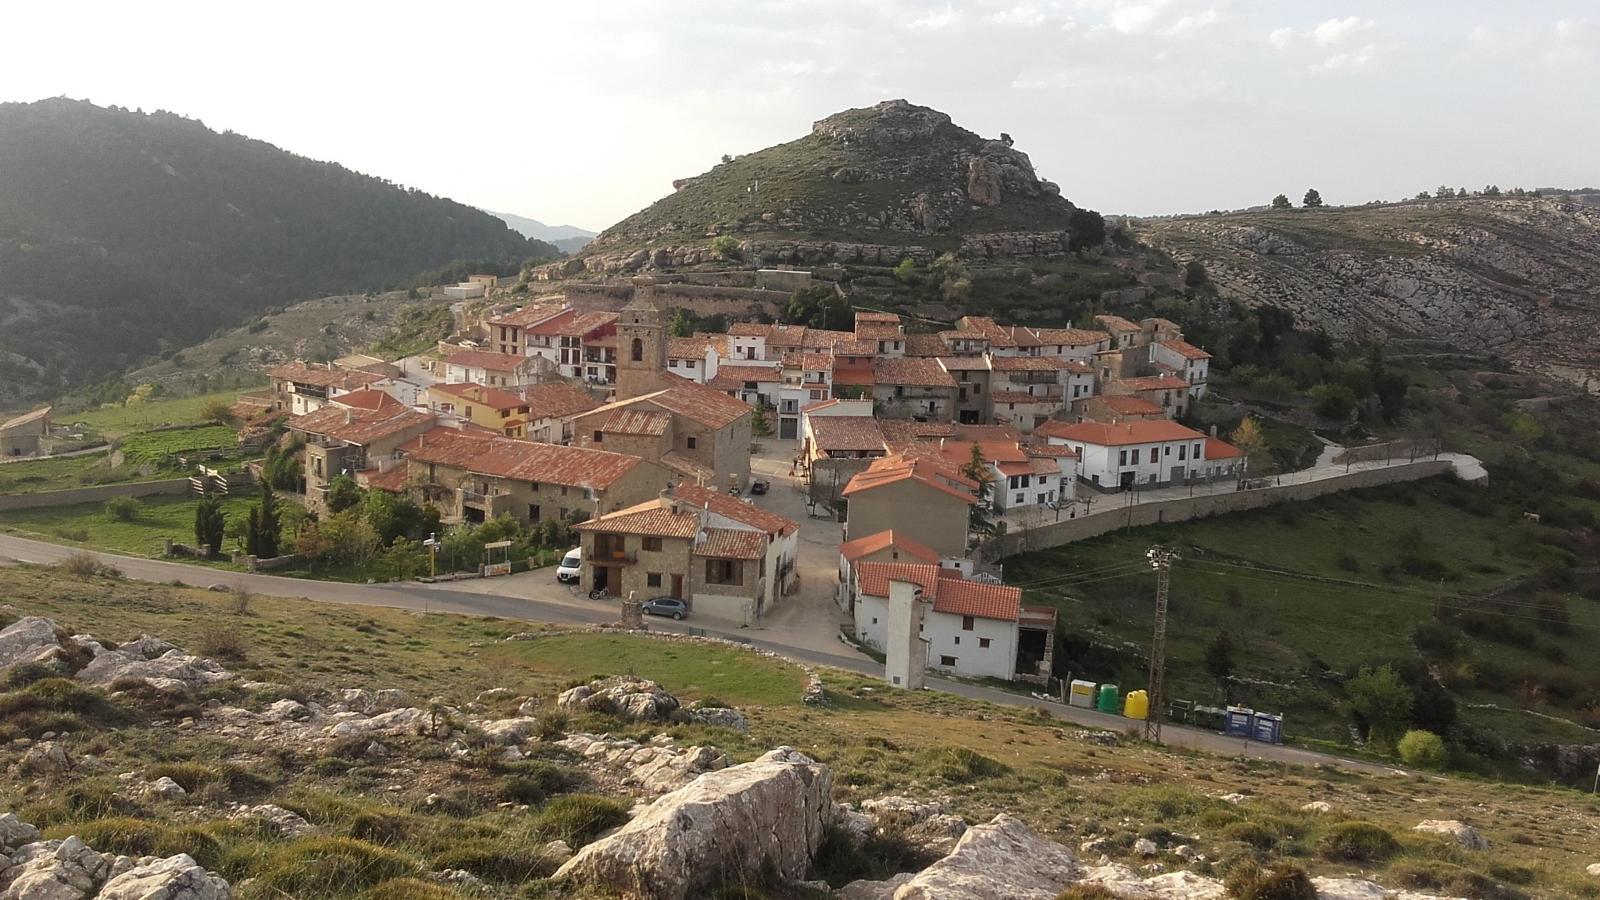 Imagen destacada Economía social y cooperativa para paliar problemas de empleo en 171 municipios